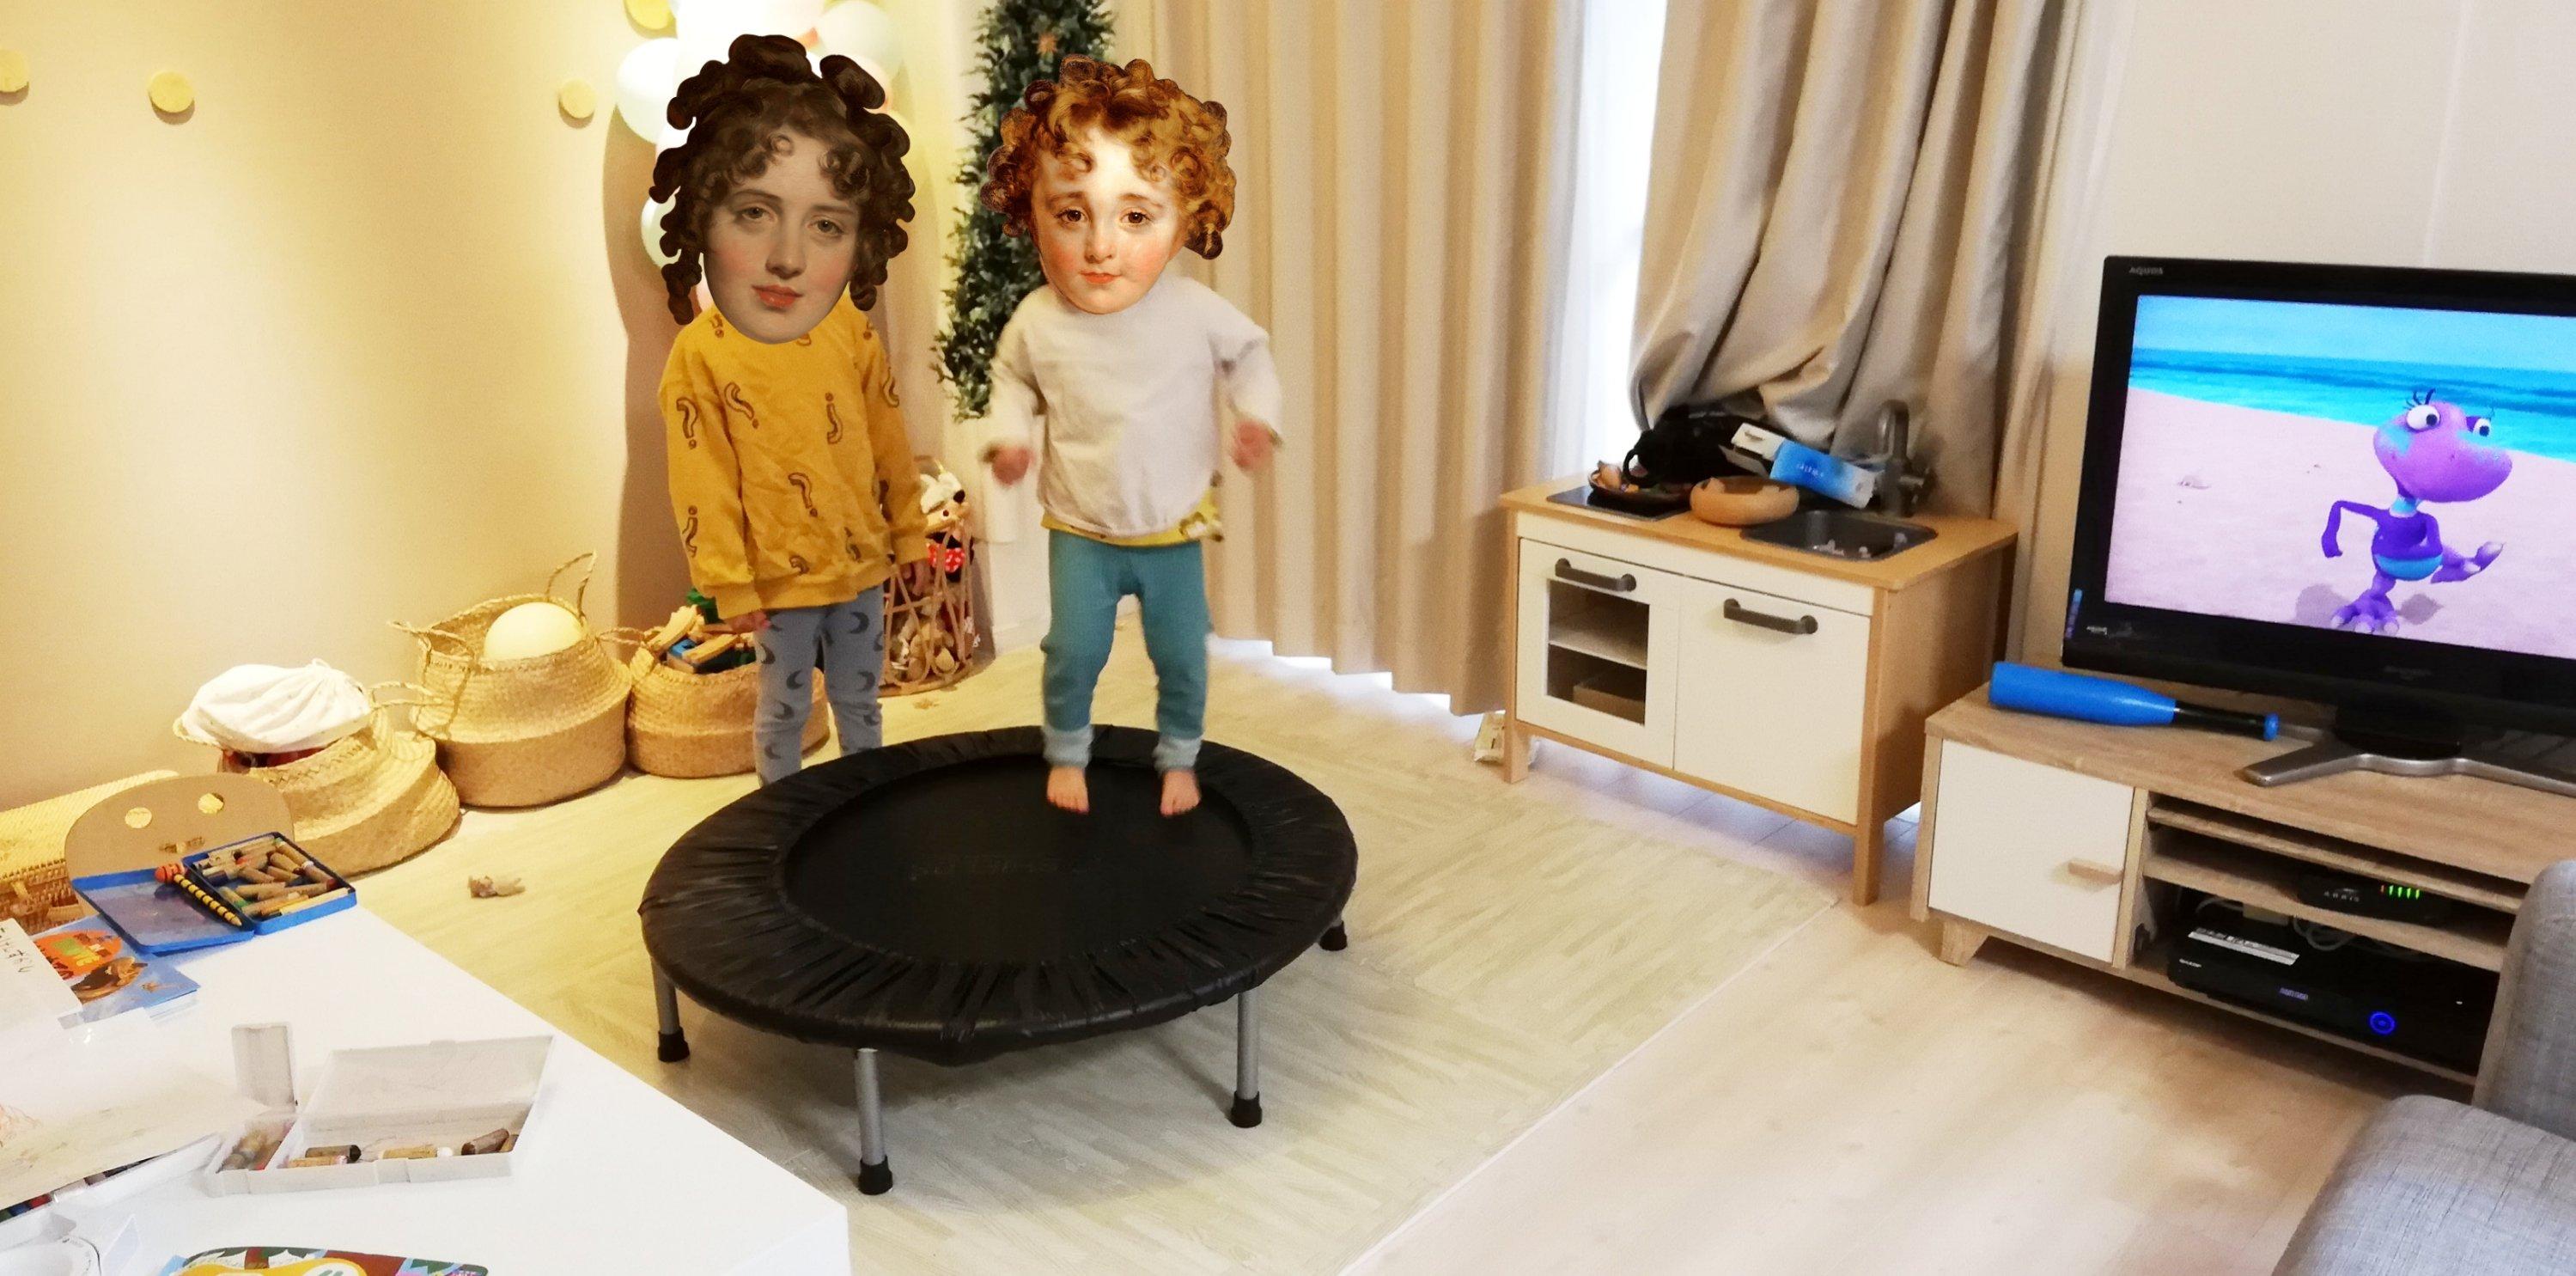 室内でトランポリンにのる子供2人